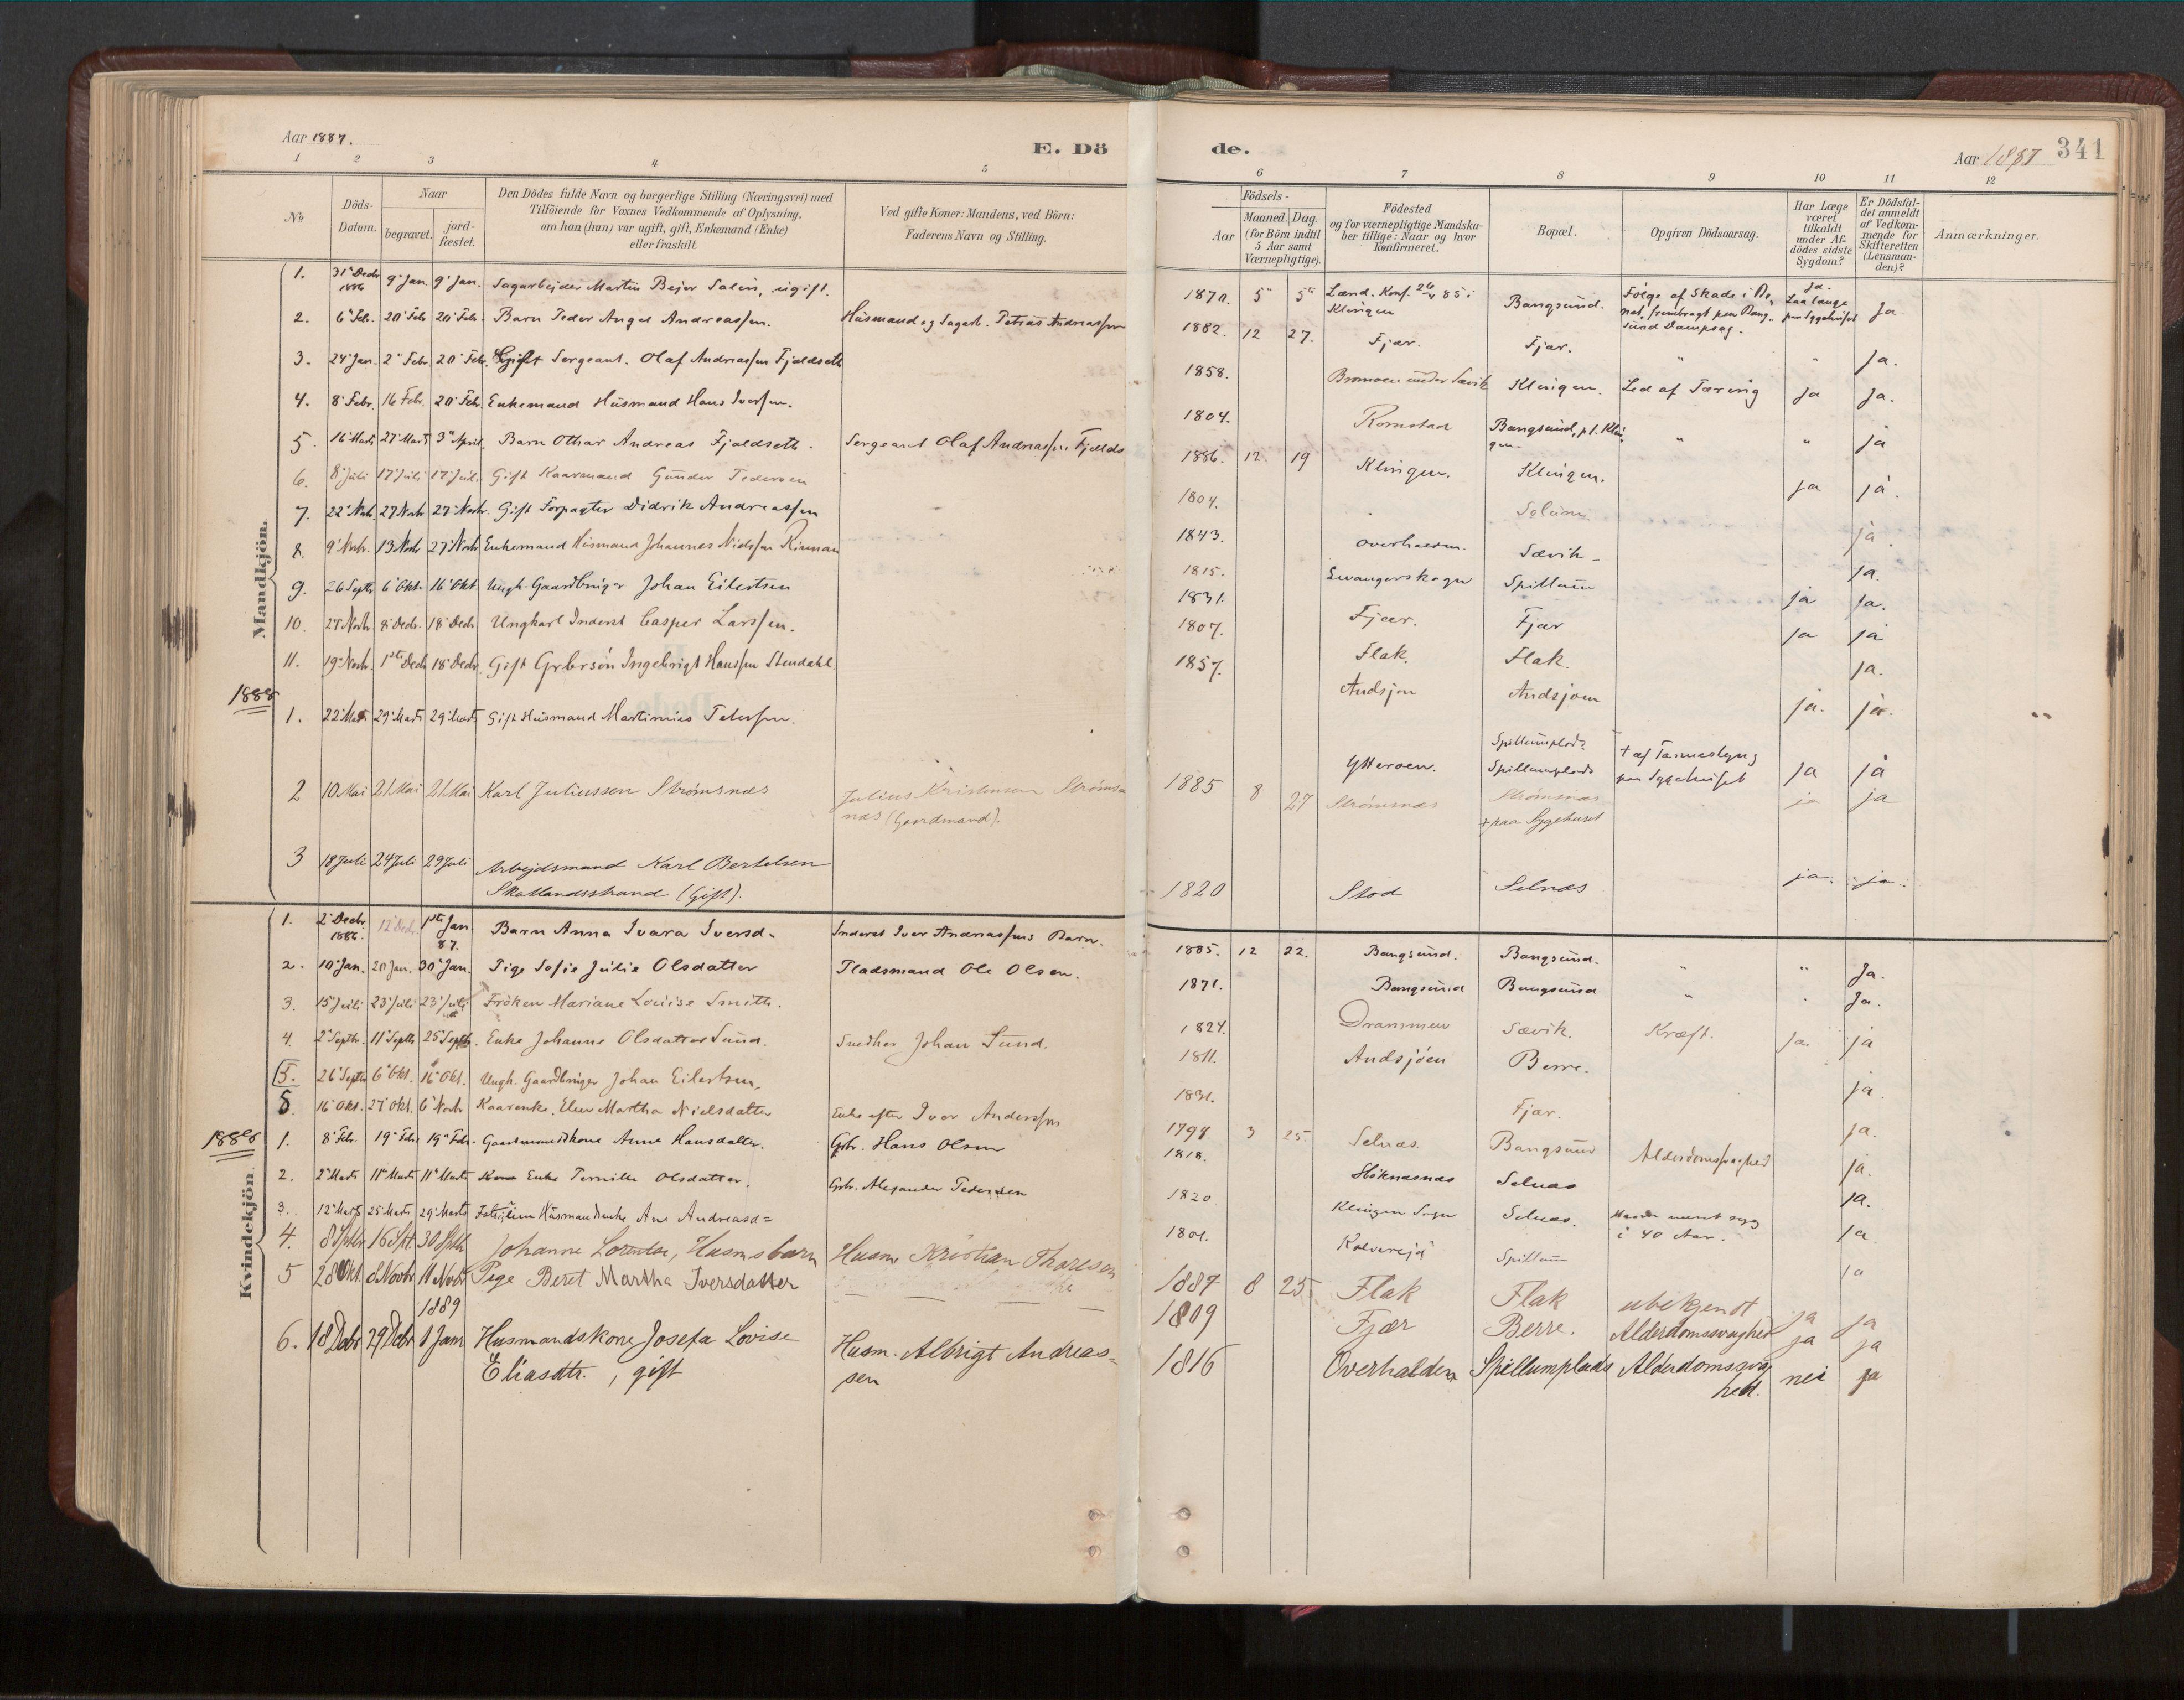 SAT, Ministerialprotokoller, klokkerbøker og fødselsregistre - Nord-Trøndelag, 770/L0589: Ministerialbok nr. 770A03, 1887-1929, s. 341